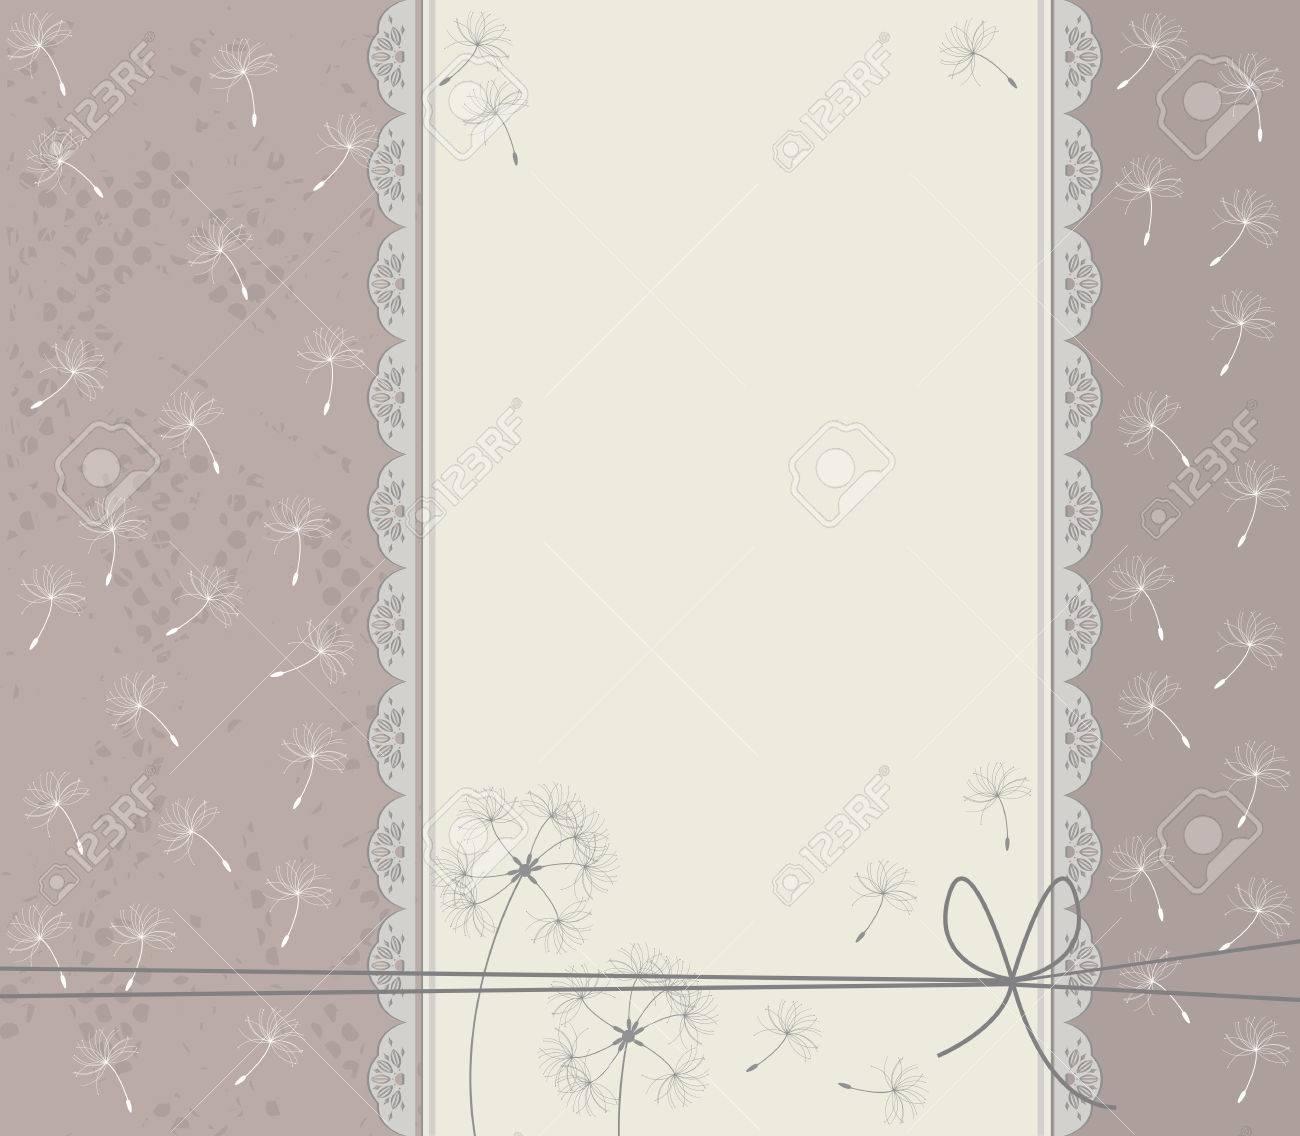 Wedding invitation with cute taraxacum unique greeting card wedding invitation with cute taraxacum unique greeting card with stylish lace frame stock vector kristyandbryce Gallery